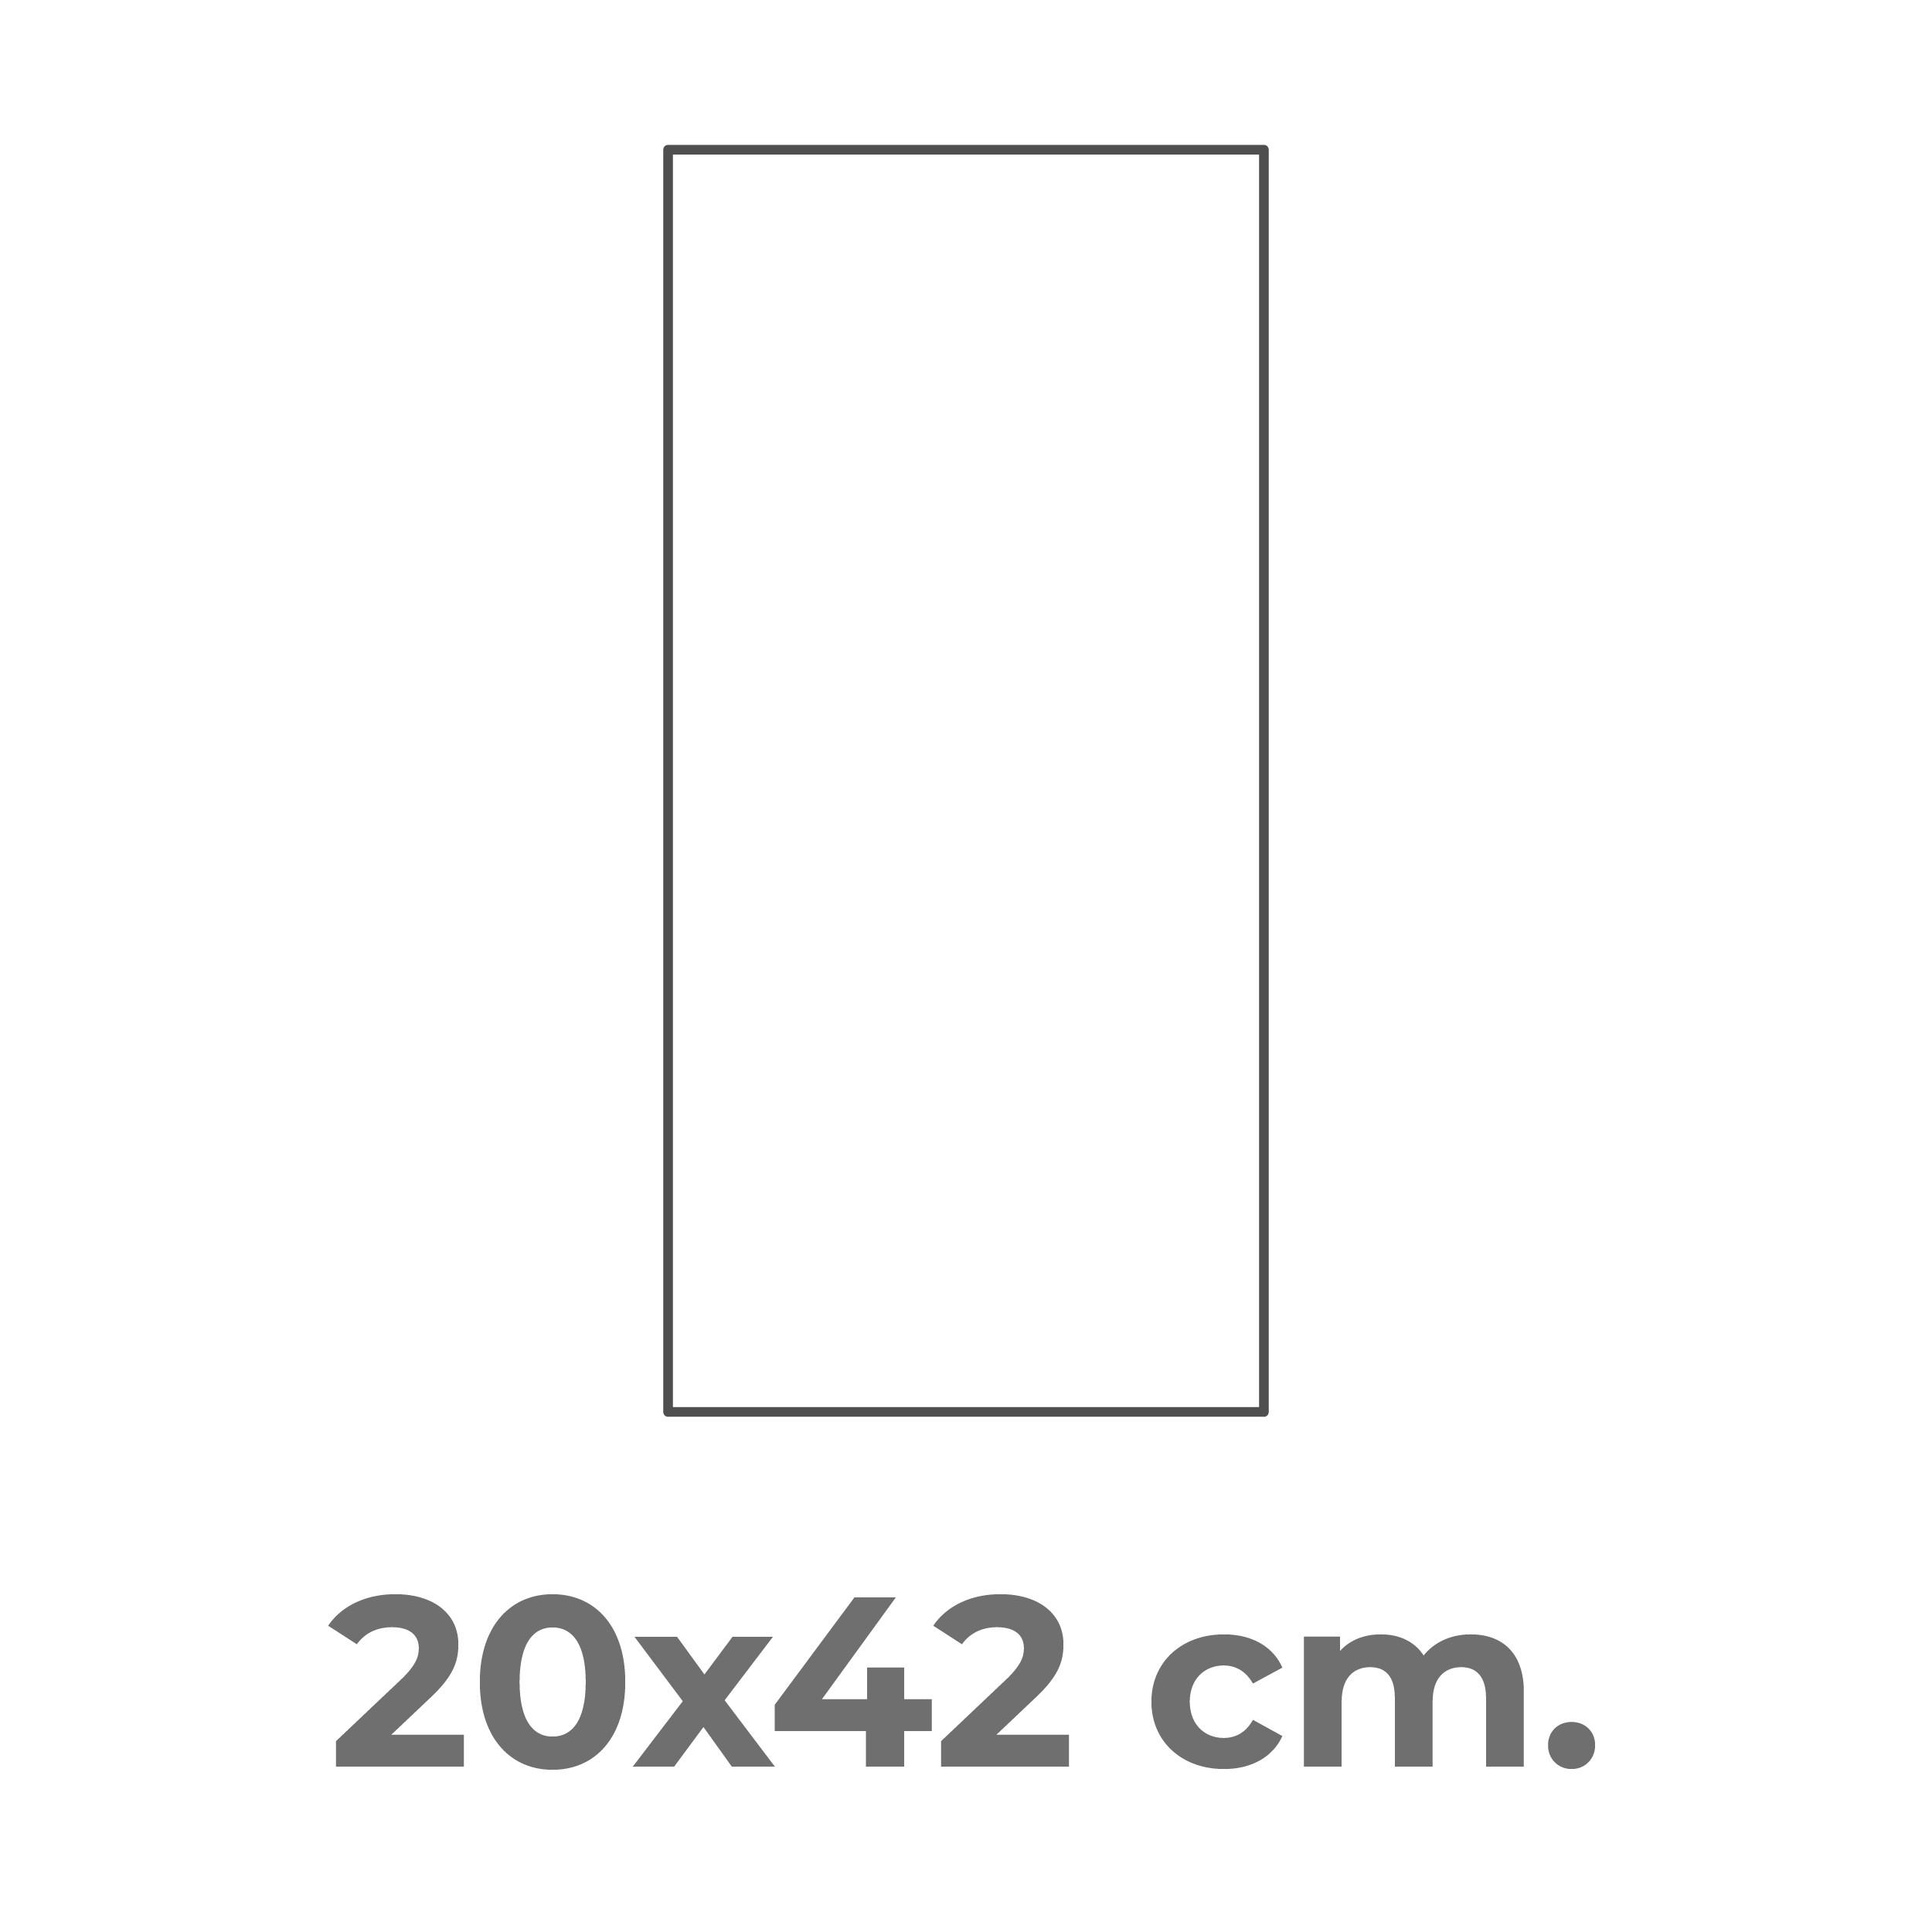 calendari_muro 200x420 mm. - verticale Spirale 170